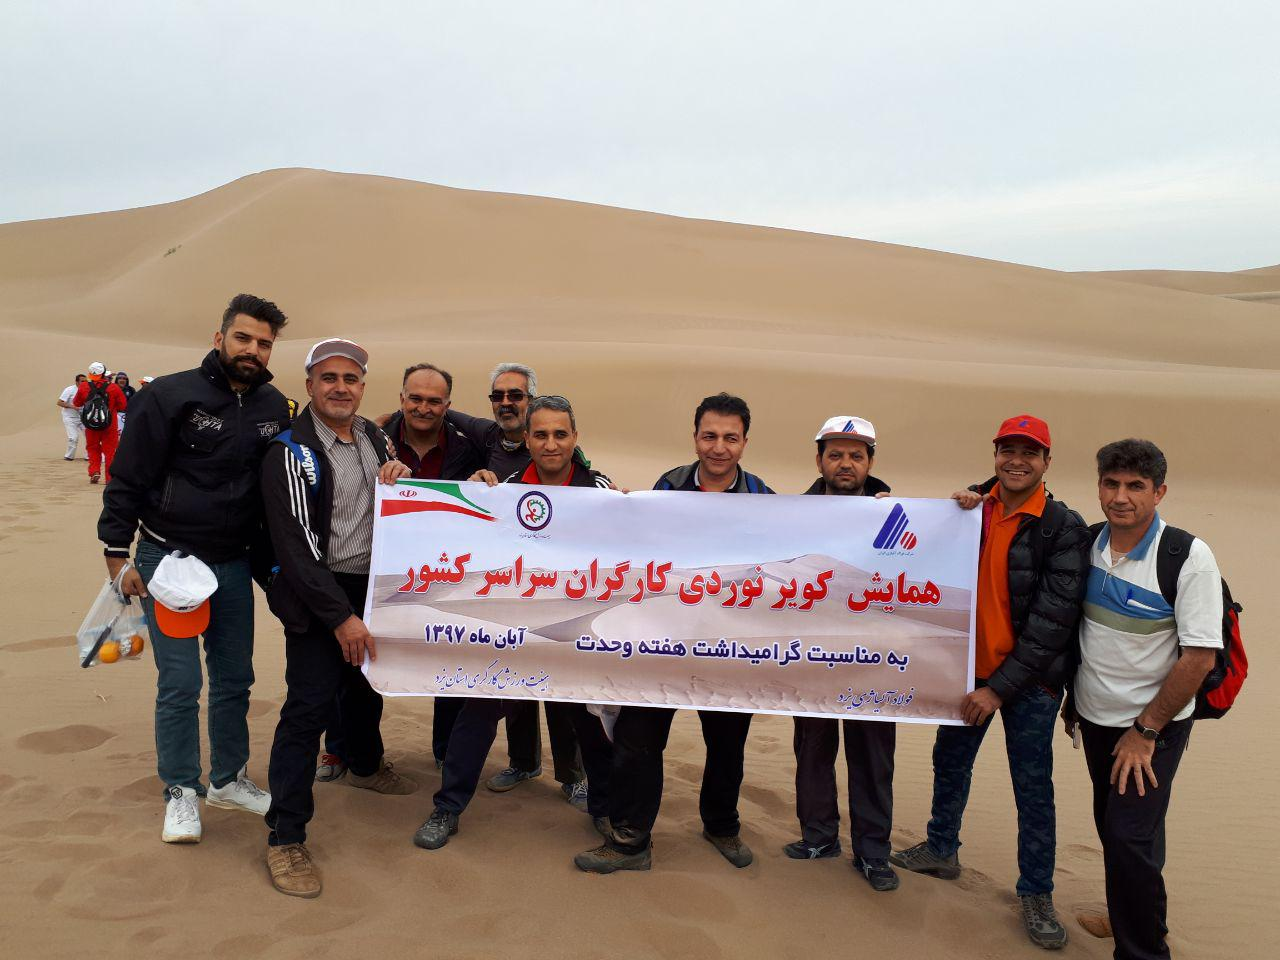 همایش بزرگ کویرنوردی کارگران کشور به میزبانی استان یزد با حضور 14 تیم برگزار شد.